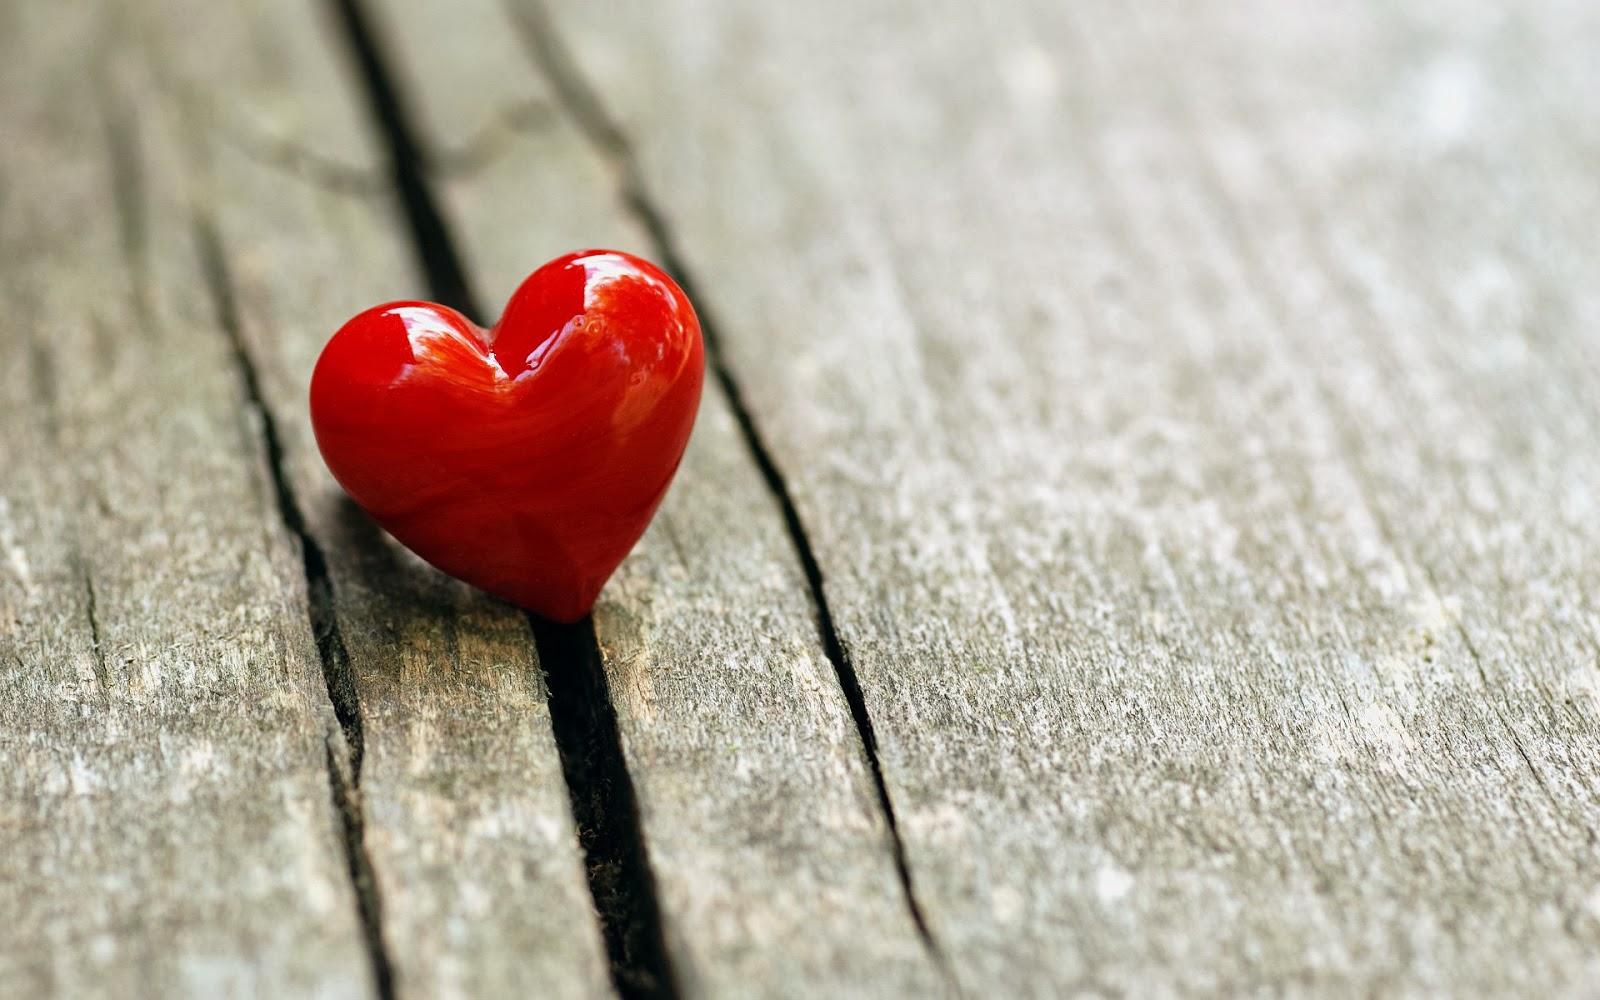 Holz Wallpaper Mit Roten Liebe Herz Hd Lieben Hintergrund